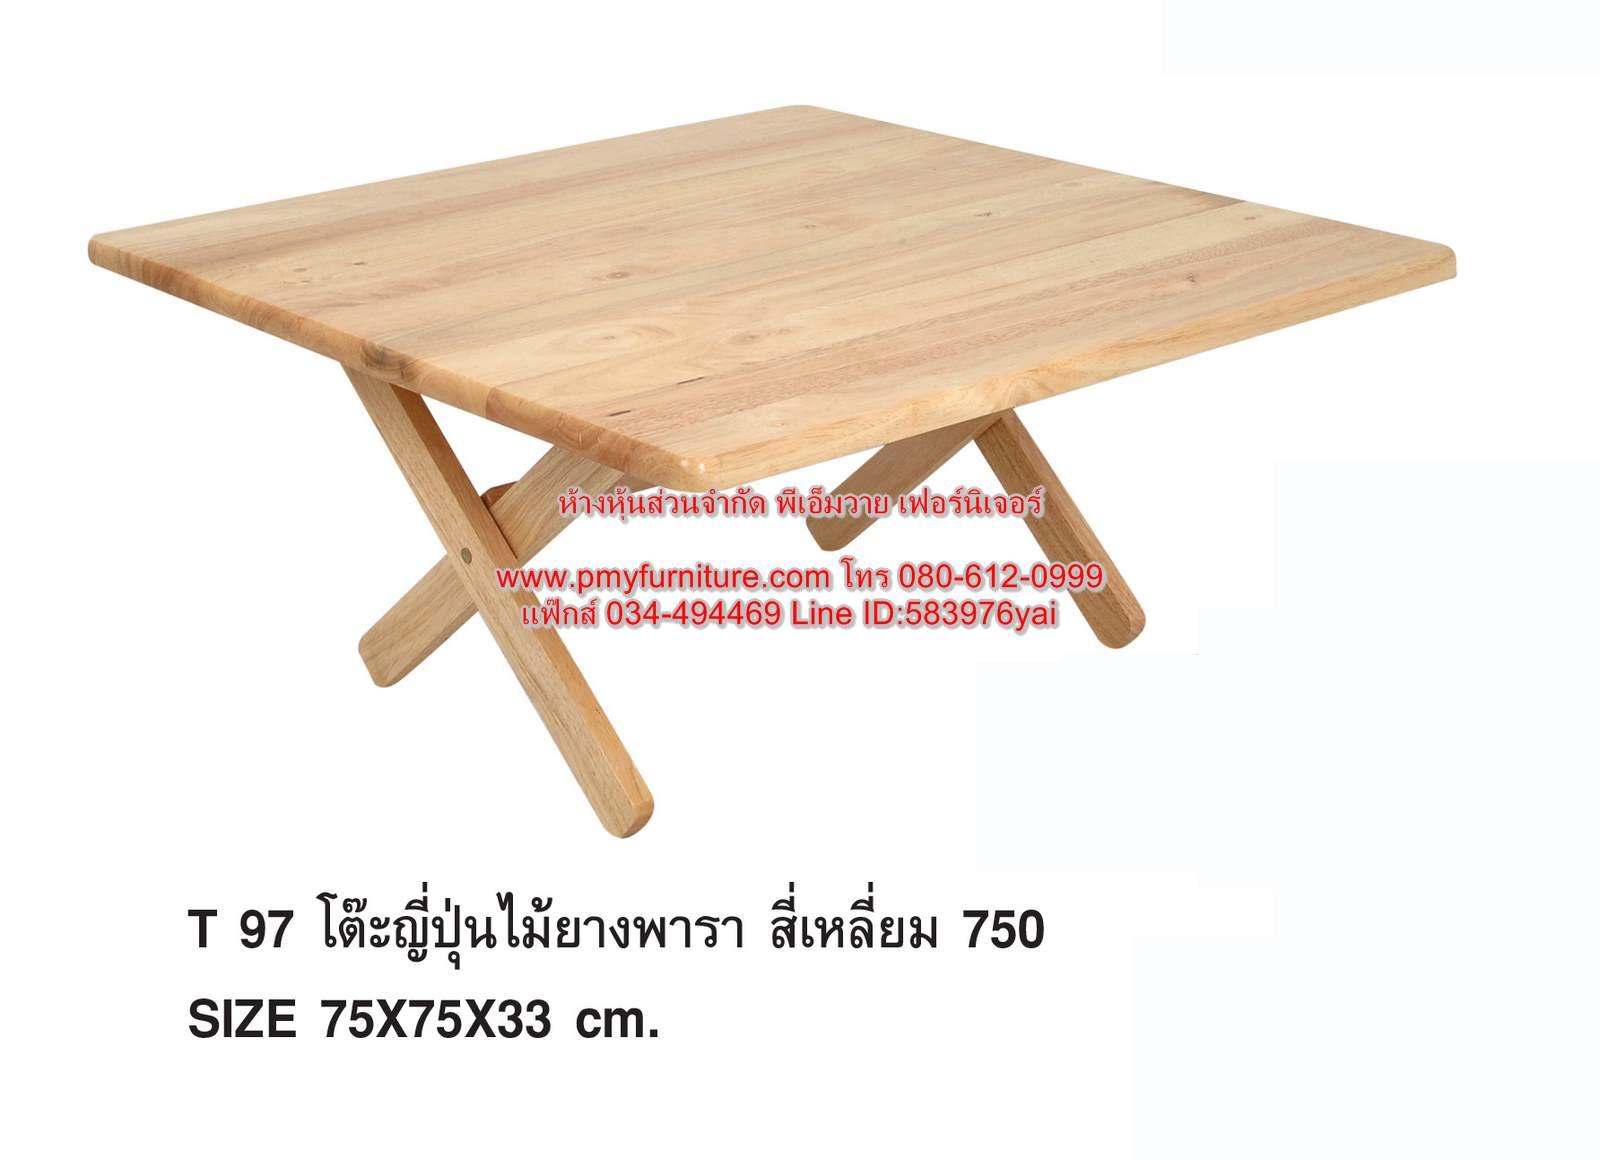 PMY24-3 โต๊ะญี่ปุ่นเหลี่ยม ไม้ยางพารา ขนาด 75x75x33 ซม.